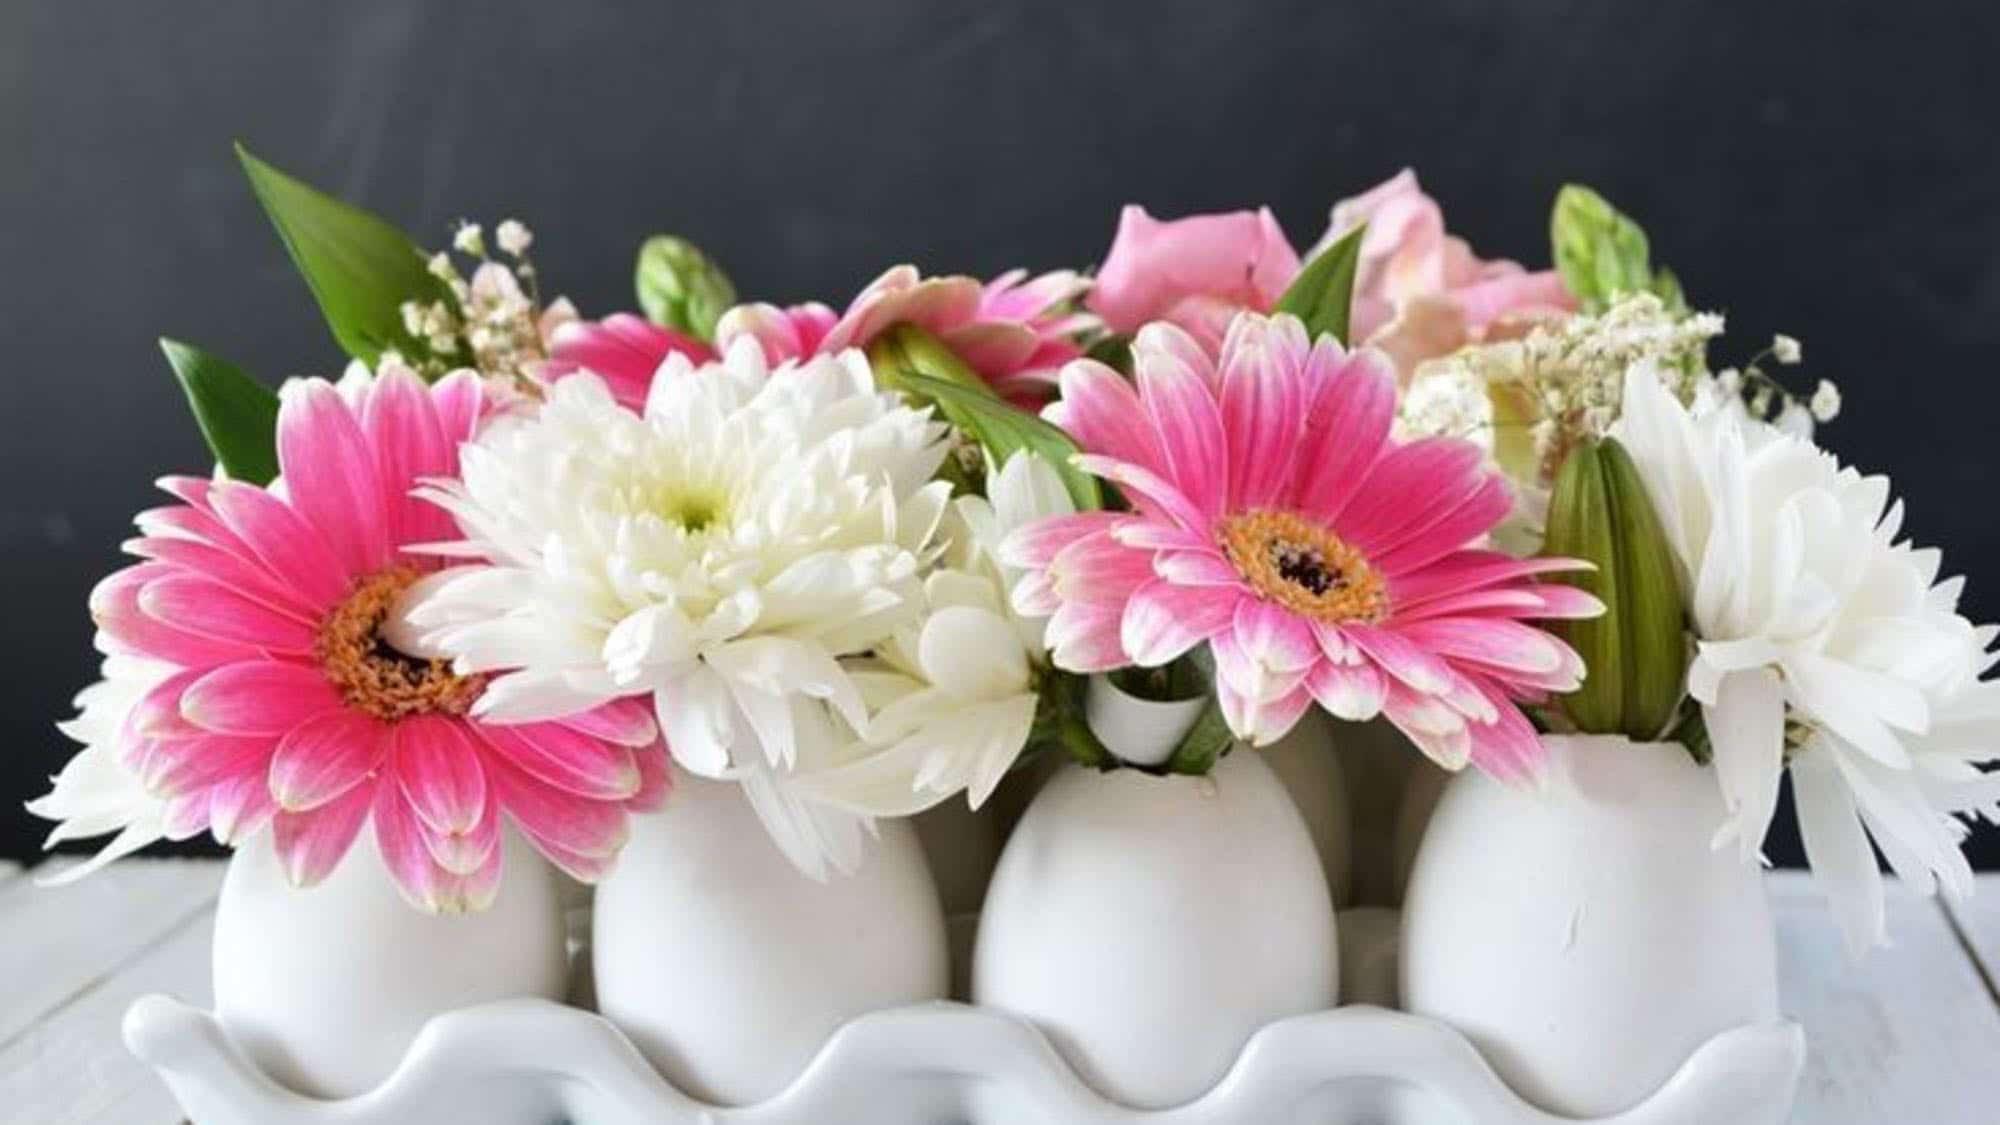 Comment Faire Un Centre De Table Avec Des Fleurs bricolage de pâques : 42 idées déco à fabriquer soi-même